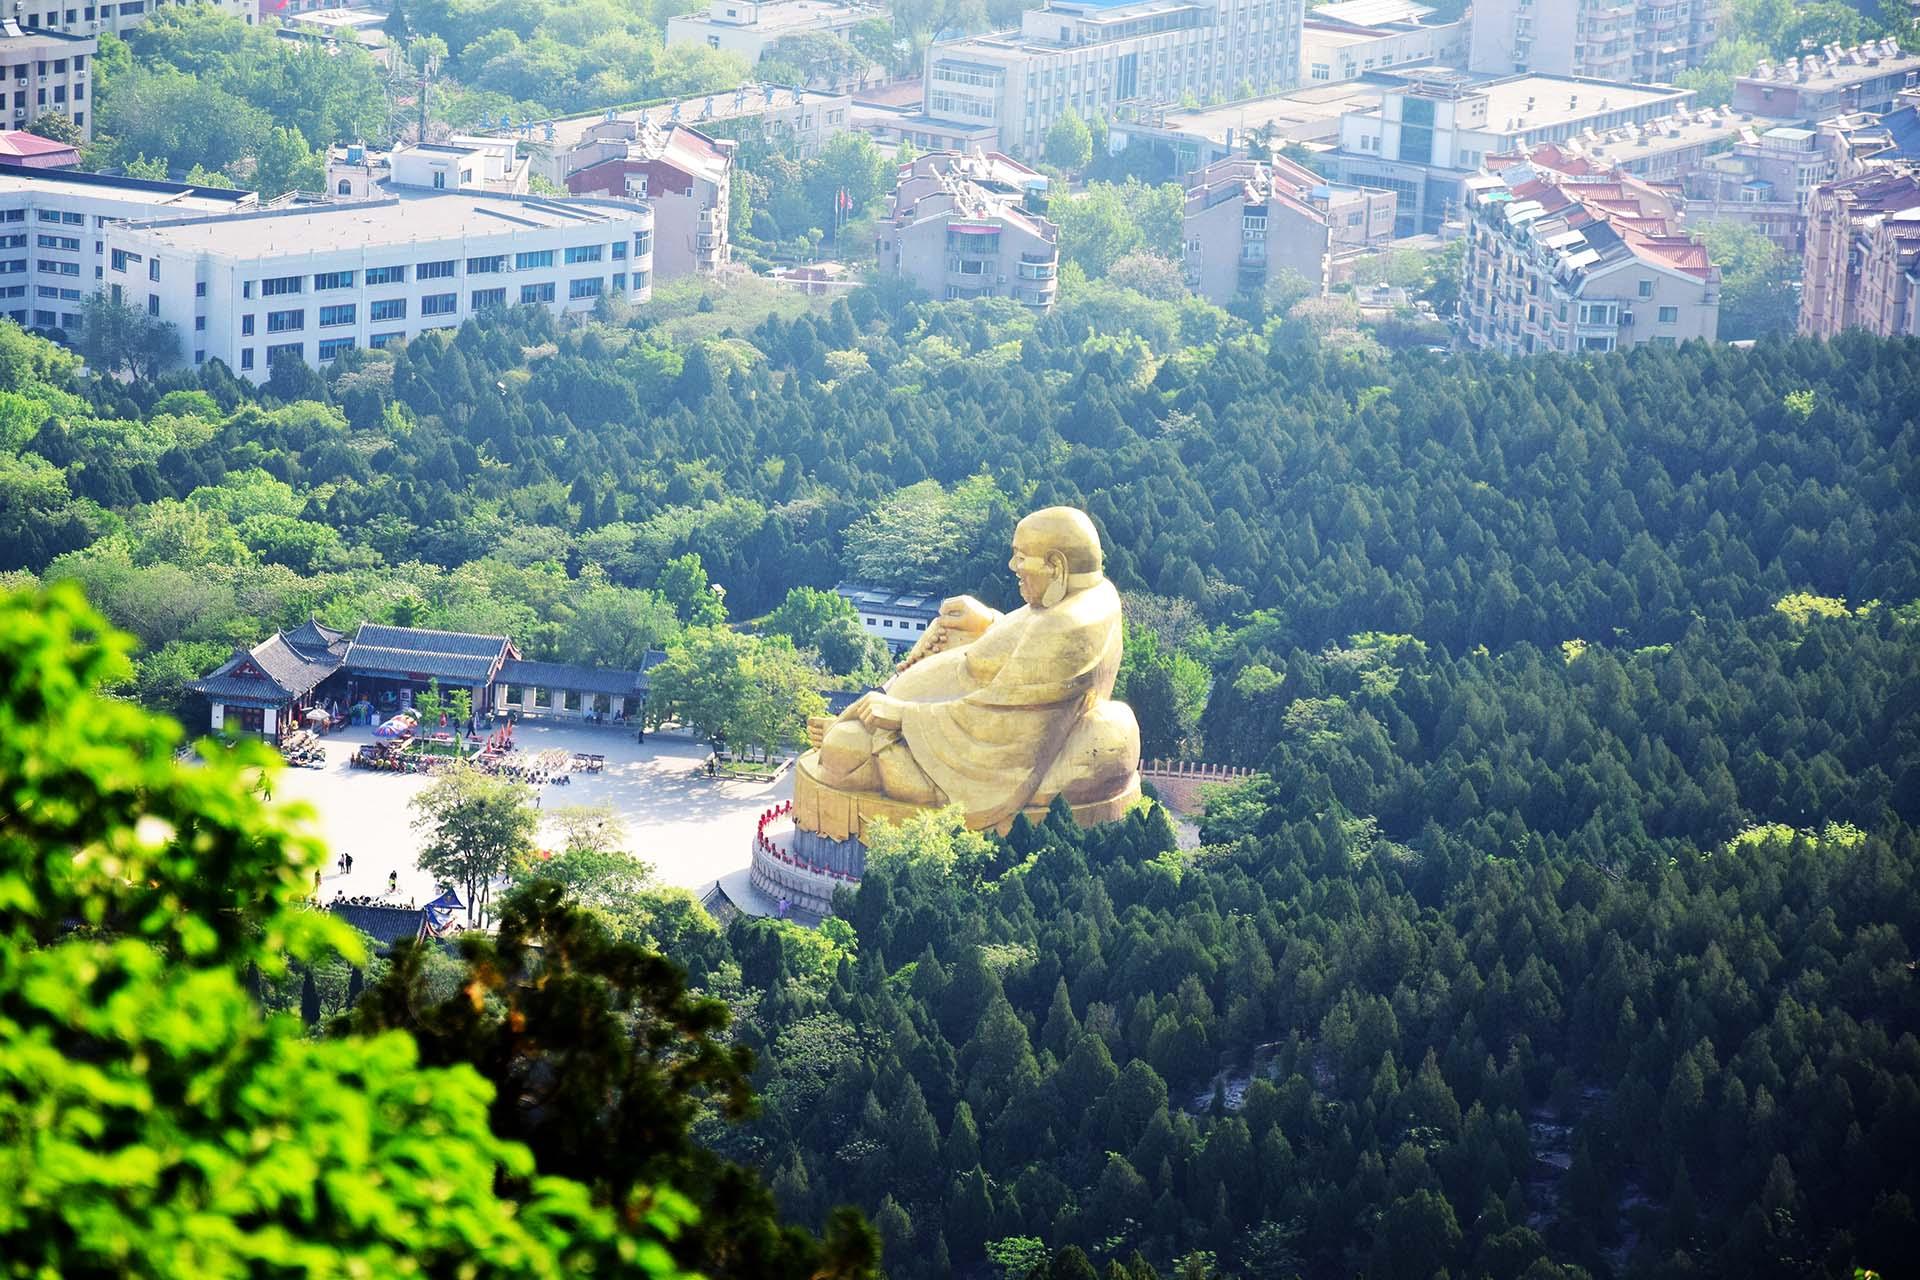 """千佛山坐落于济南市区南部,与趵突泉、大明湖并称为""""济南三大名胜""""。千佛山属泰山余脉,虽然山并不高,但仍然峰峦起伏、林木茂盛,更因古代的众多佛像石刻而出名。在这里你可以进入拥有将近三万尊佛像的万佛洞一探佛教秘境,或是去兴国禅寺进香祈福,而登上山顶可俯瞰济南市区全景,风光无限。"""